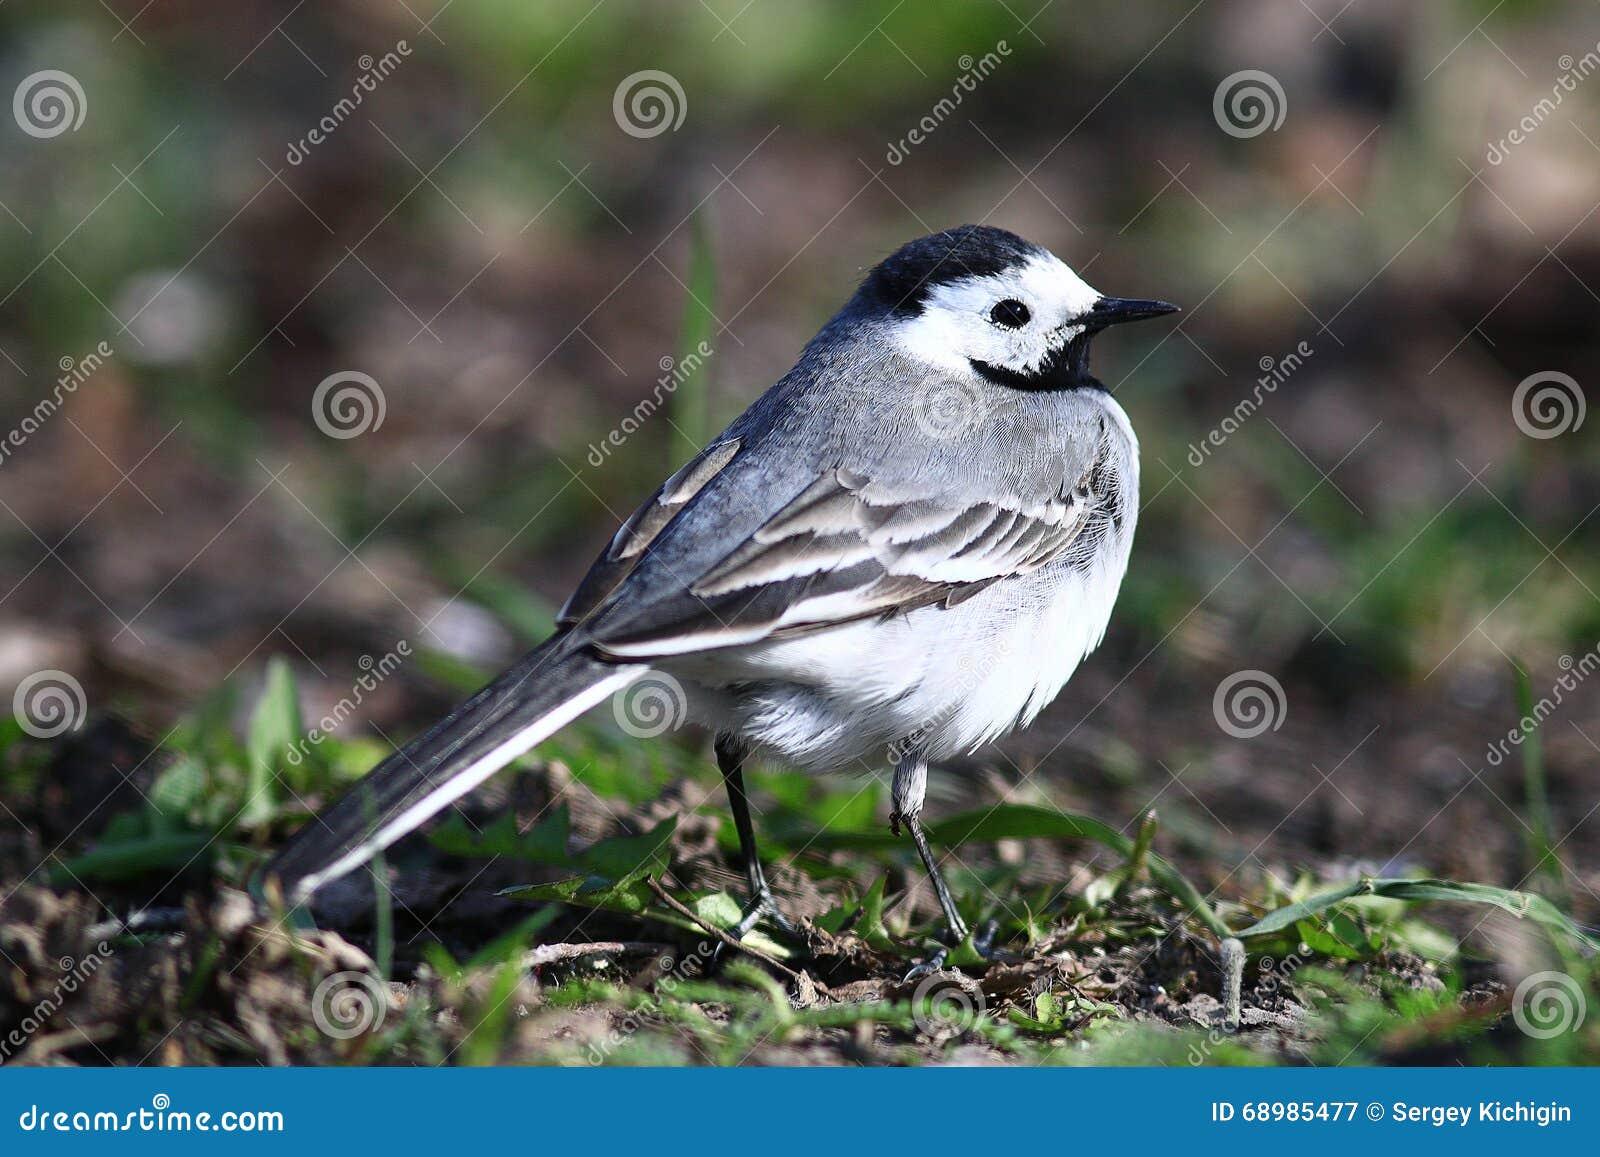 Petite hochequeue d oiseau